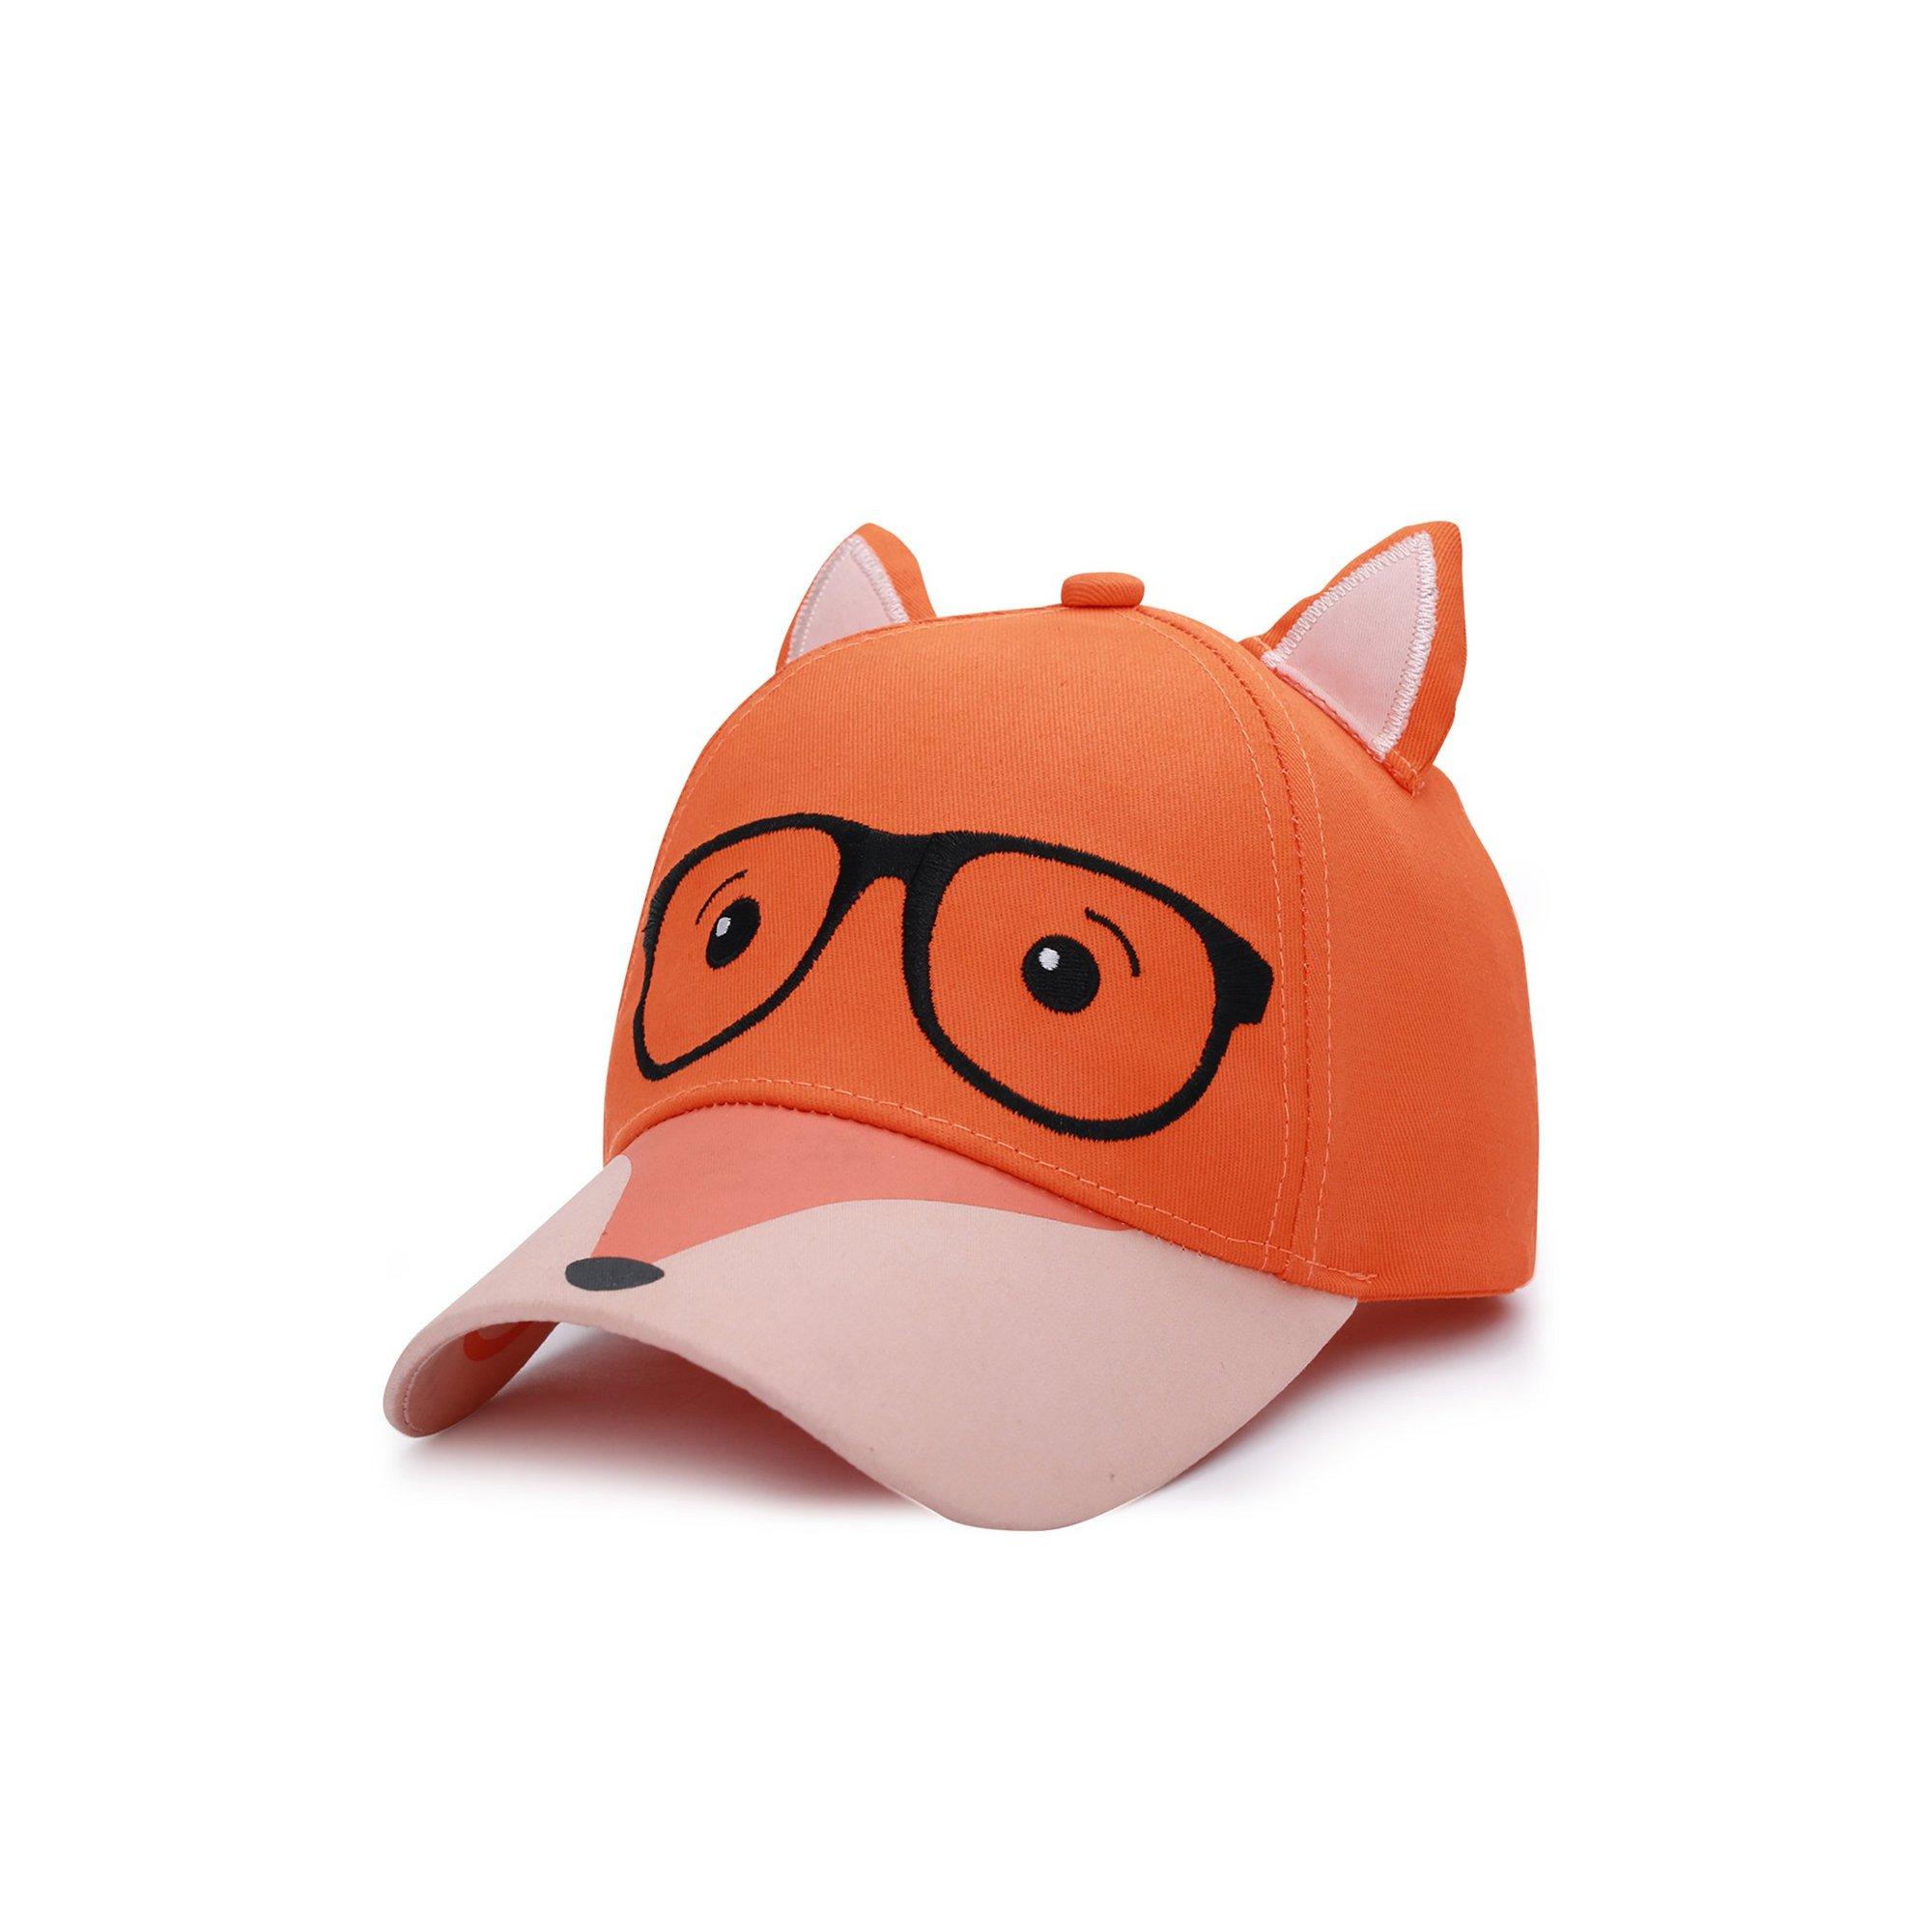 Image of FlapJackKids 3D Ball Cap - Fox